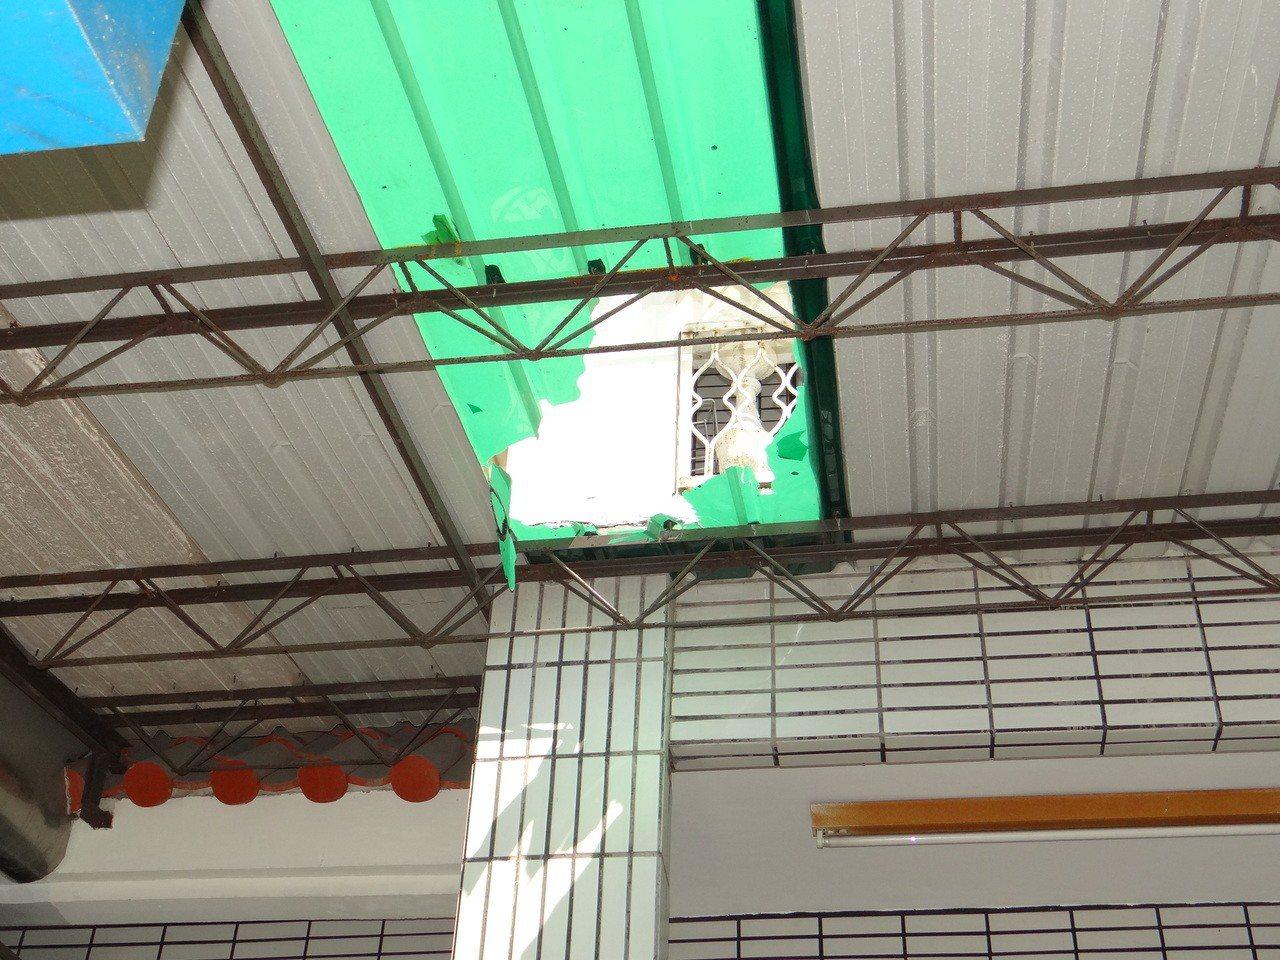 葉姓工人從2樓高踩破塑膠採光罩,不慎摔落1樓地面,緊急送醫院急救後,葉恢復生命跡...